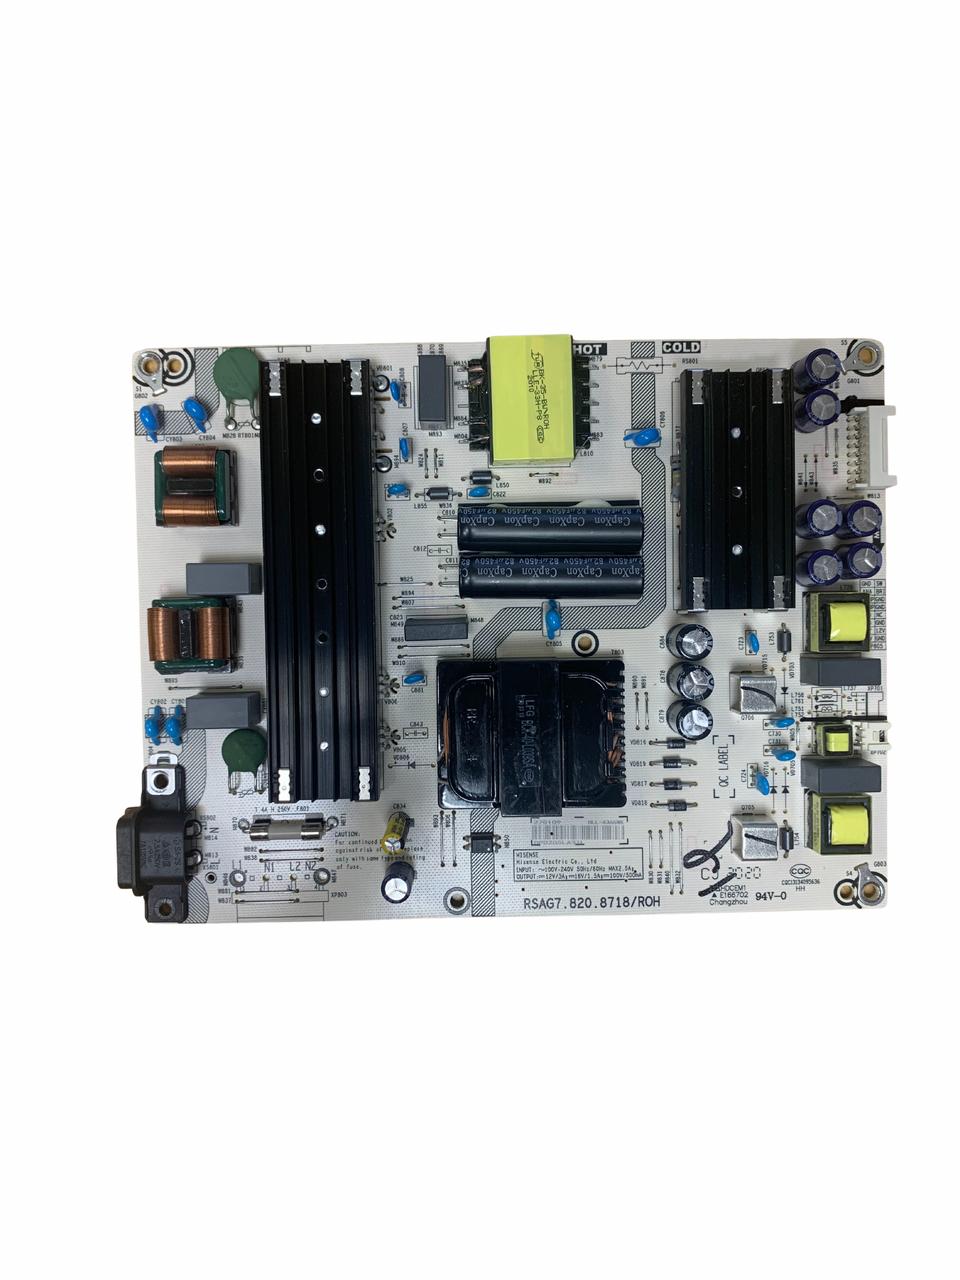 Hisense 65R6E3 Power Supply board RSAG7.820.8718/R0H / 270109